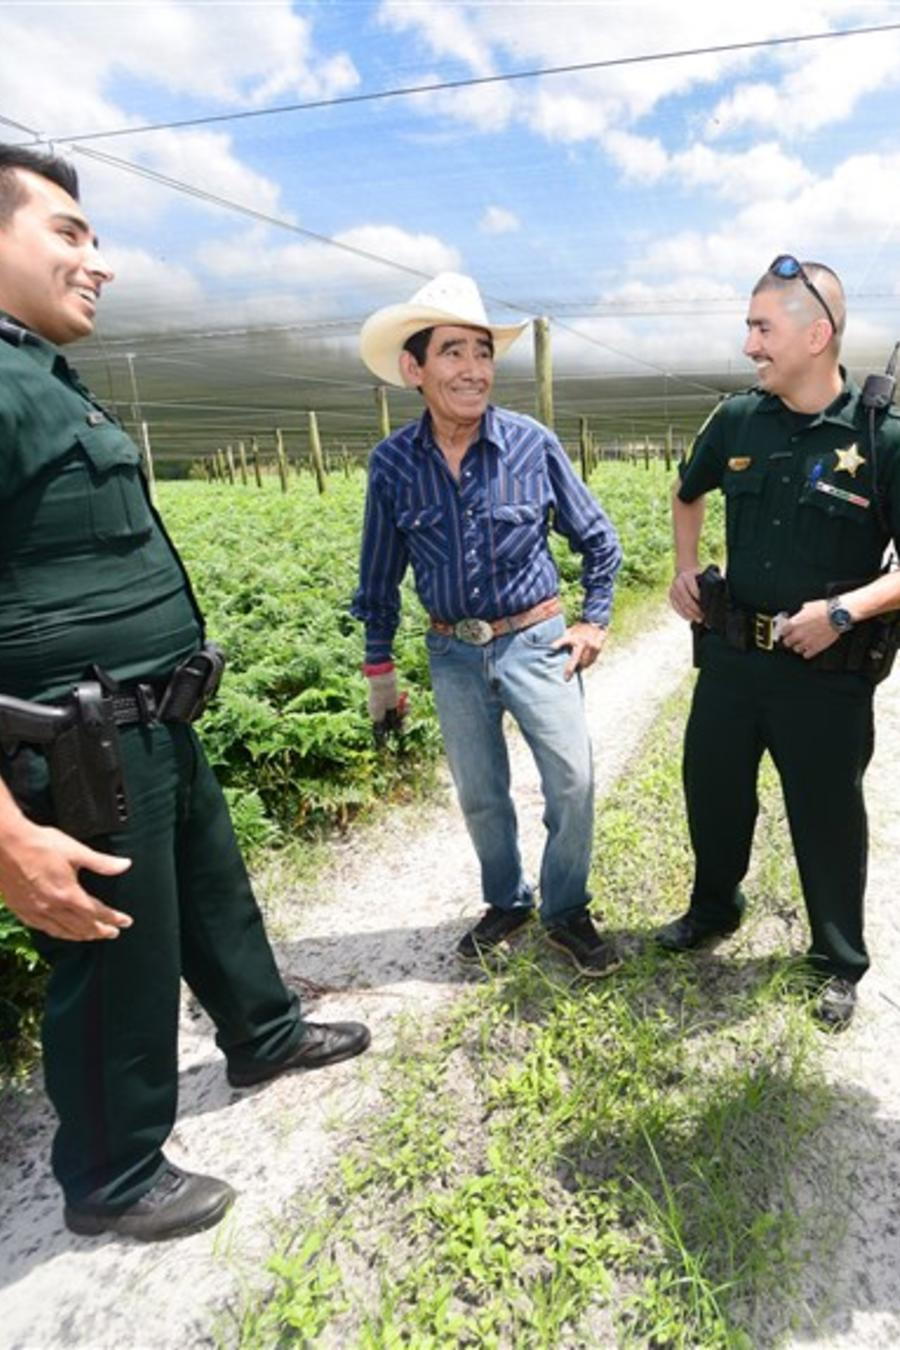 Pantaleon Galarza, un trabajador inmigrante de México, habla con sus tres hijos, Daniel, Roy y Billy Galarza, en una granja el 12 de abril de 2018 en el condado de Volusia, Florida.